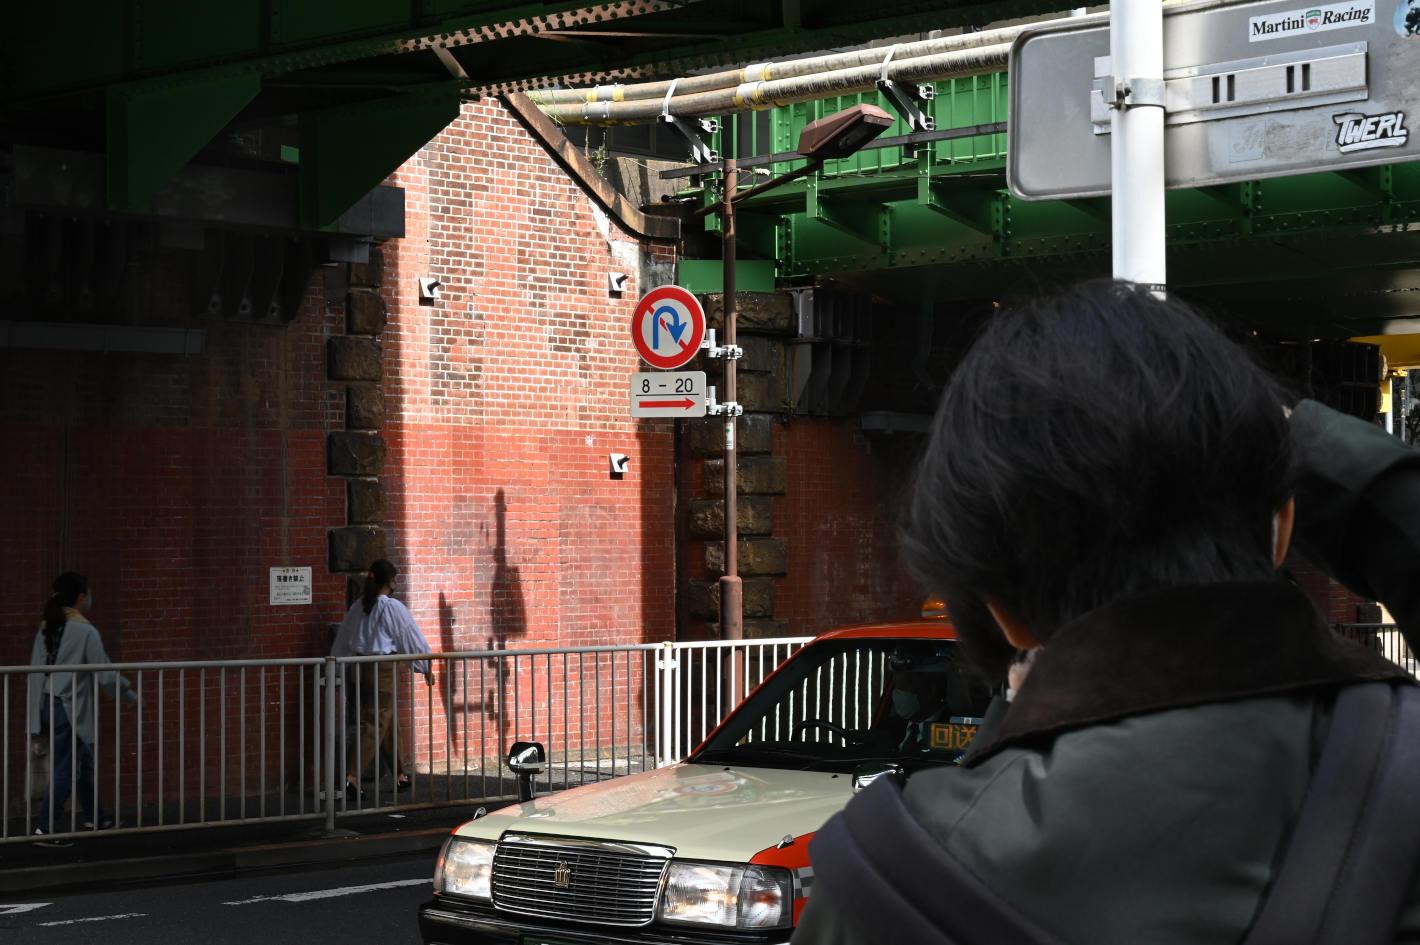 2人の写真家のZ50フォトウォークに密着!同じ場所で何を撮る?視点の違いに注目!